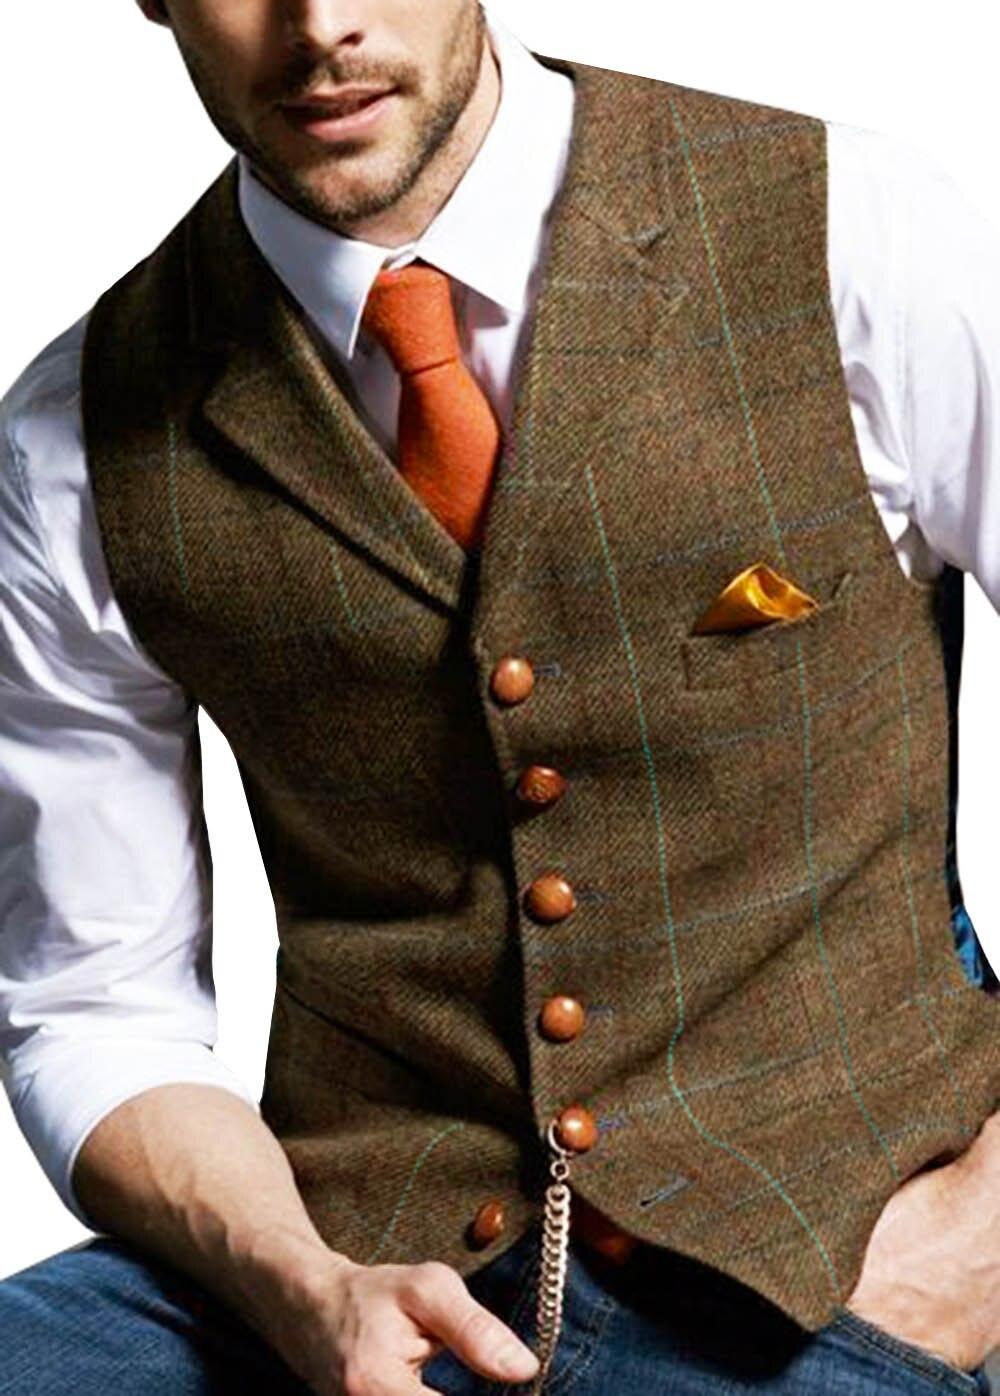 Mens-Suit-Vest-Notched-Plaid-Wool-Herringbone-Tweed-Waistcoat-Casual-Formal-Business-Groomman-For-Wedding-Green (5)